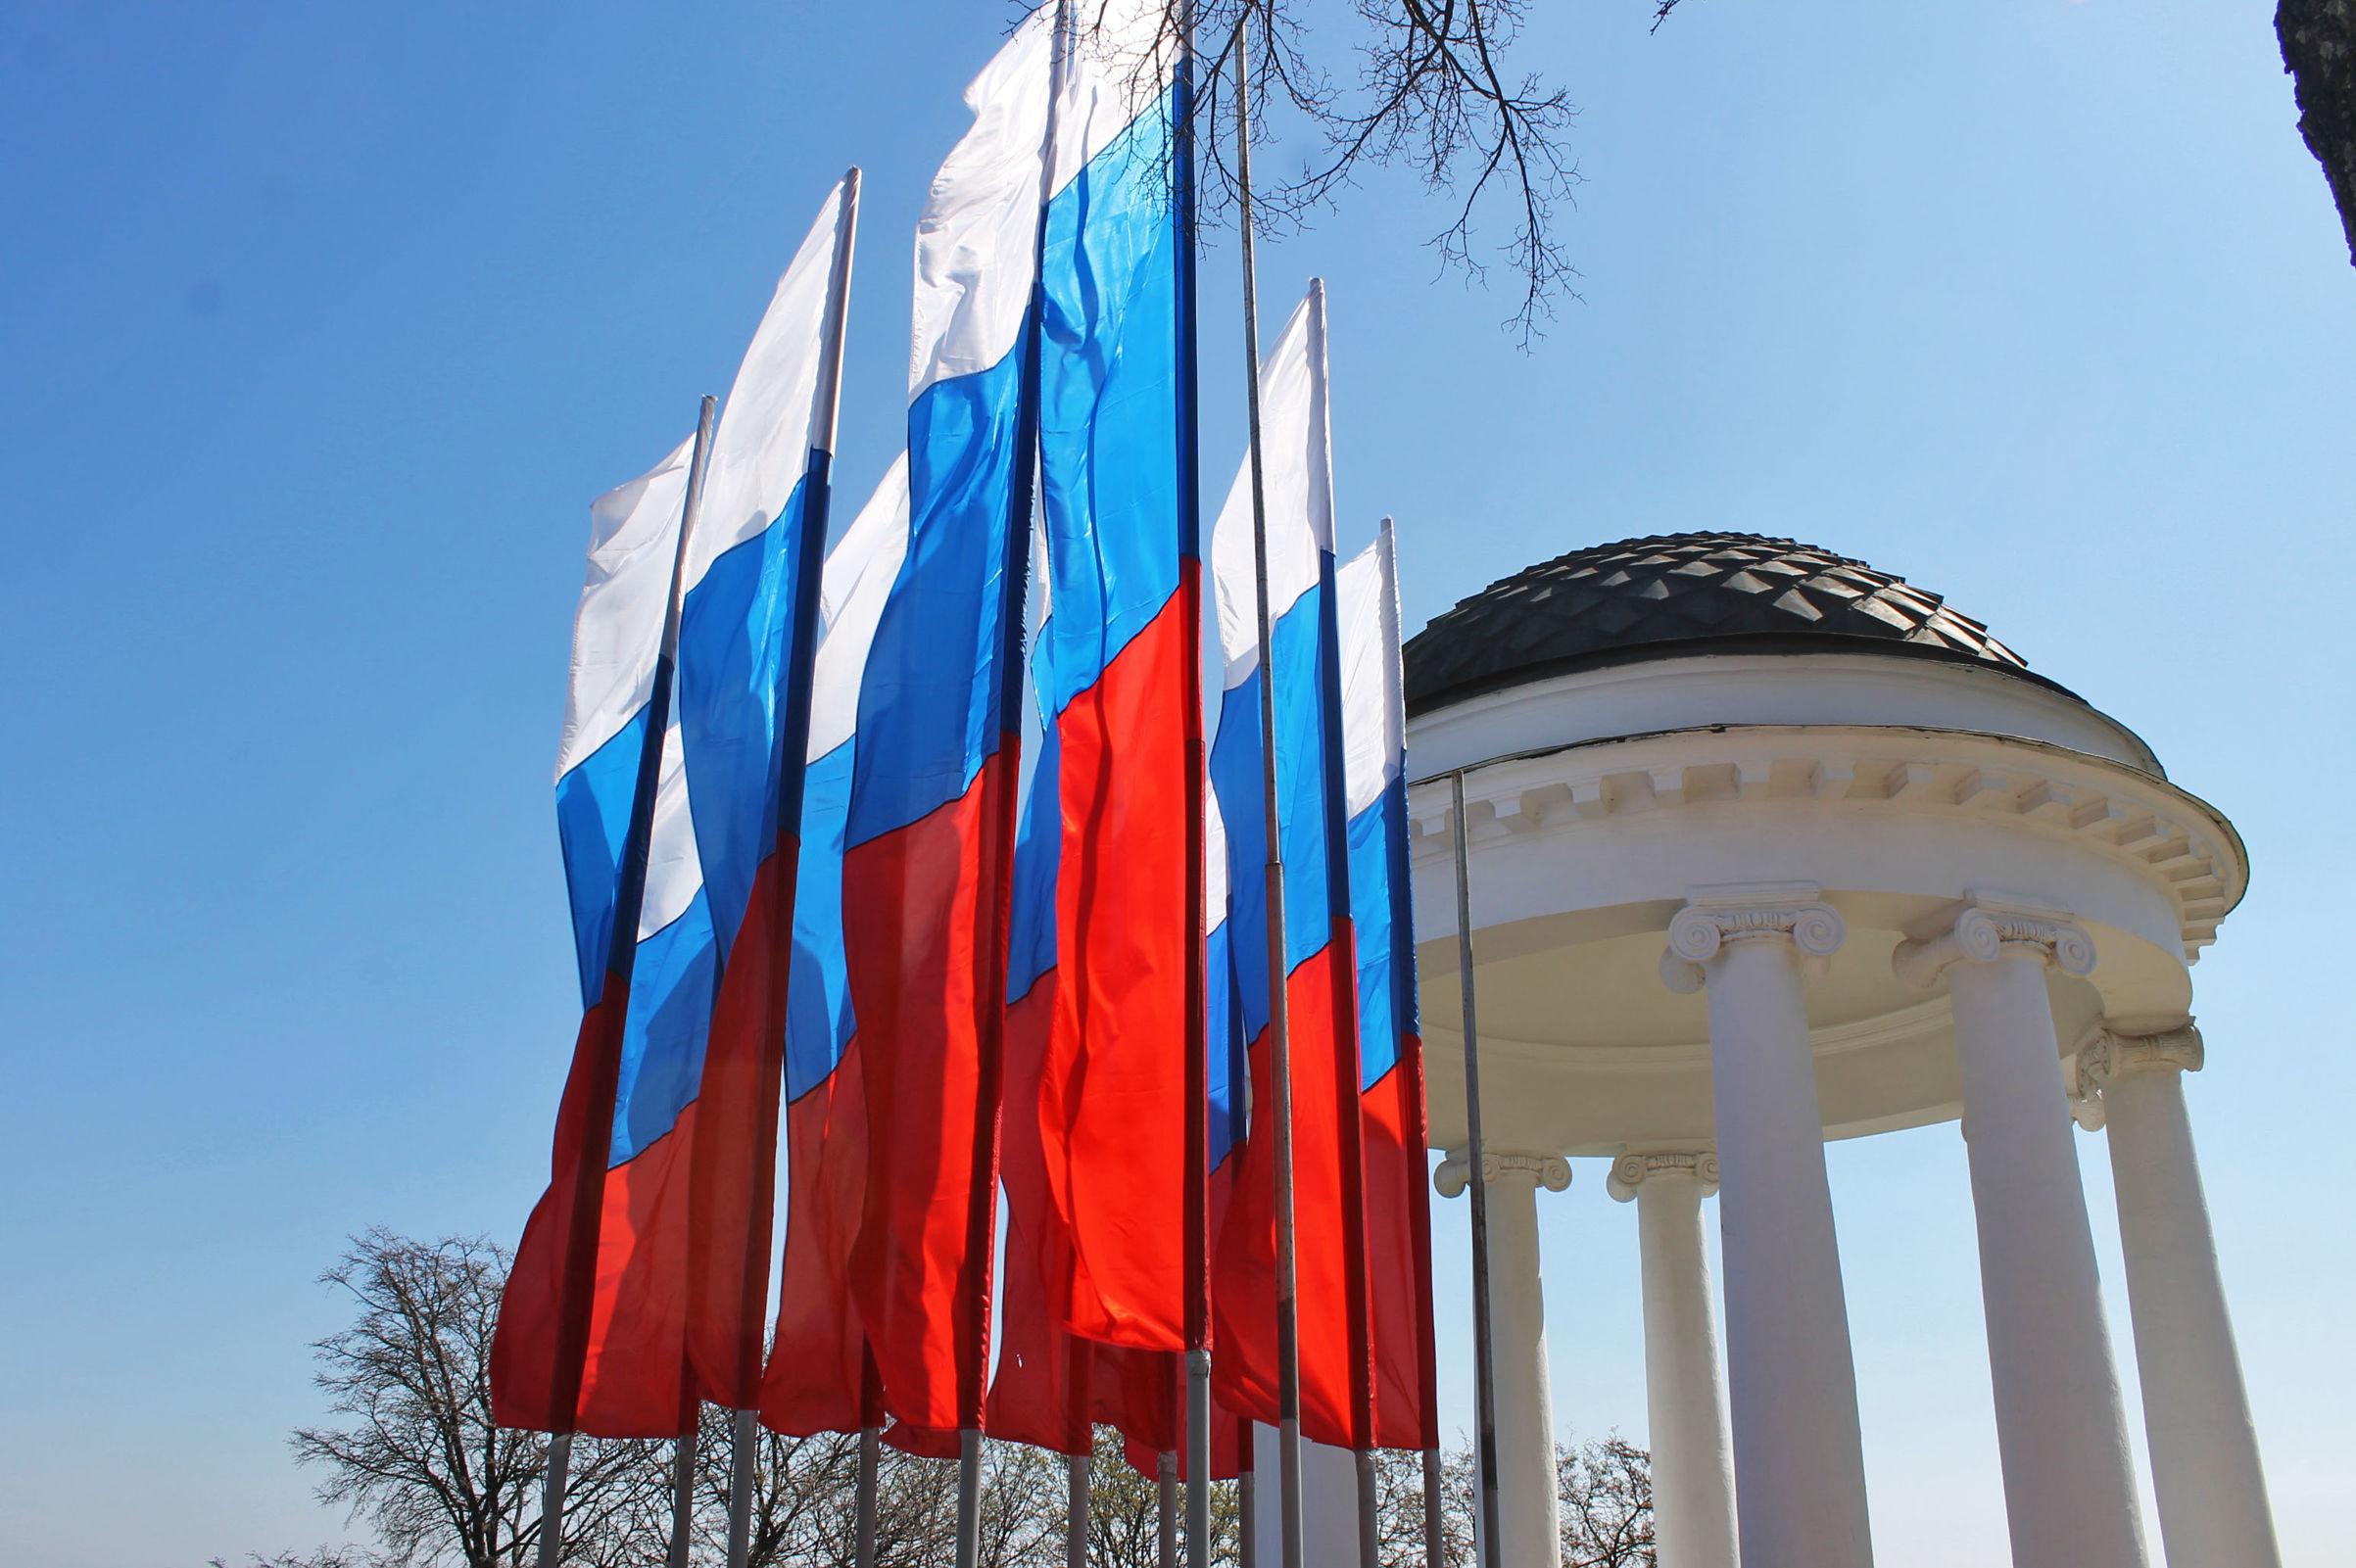 Сильные порывы ветра настигнут Ярославль